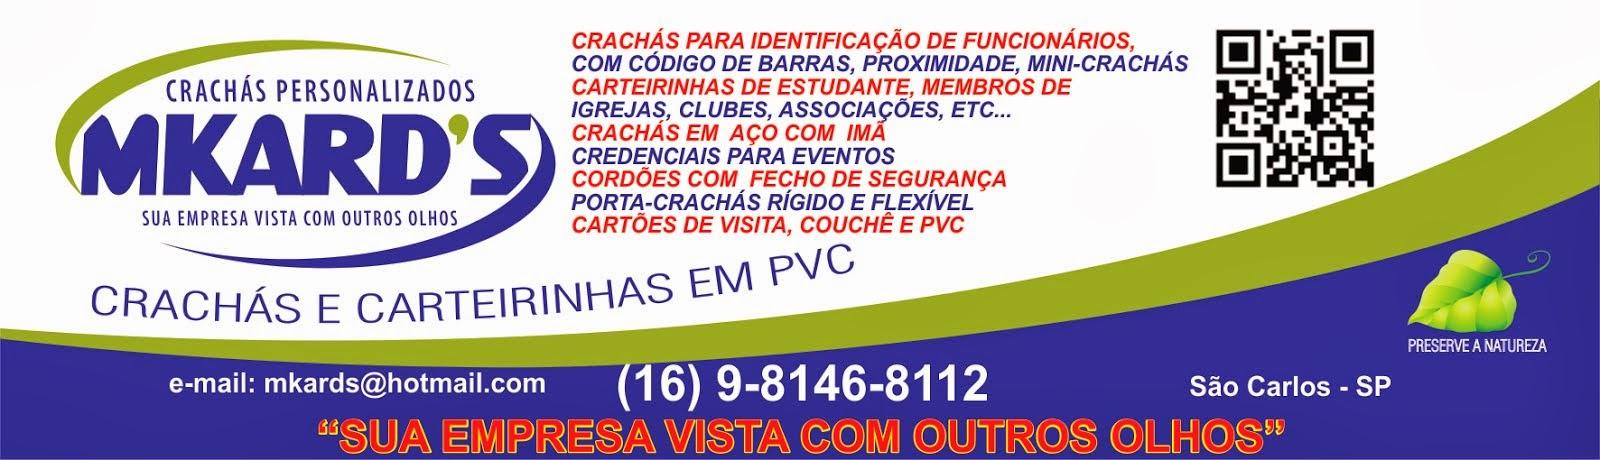 MKARD'S DO BRASIL - CRACHÁS E CARTEIRINHAS EM PVC.